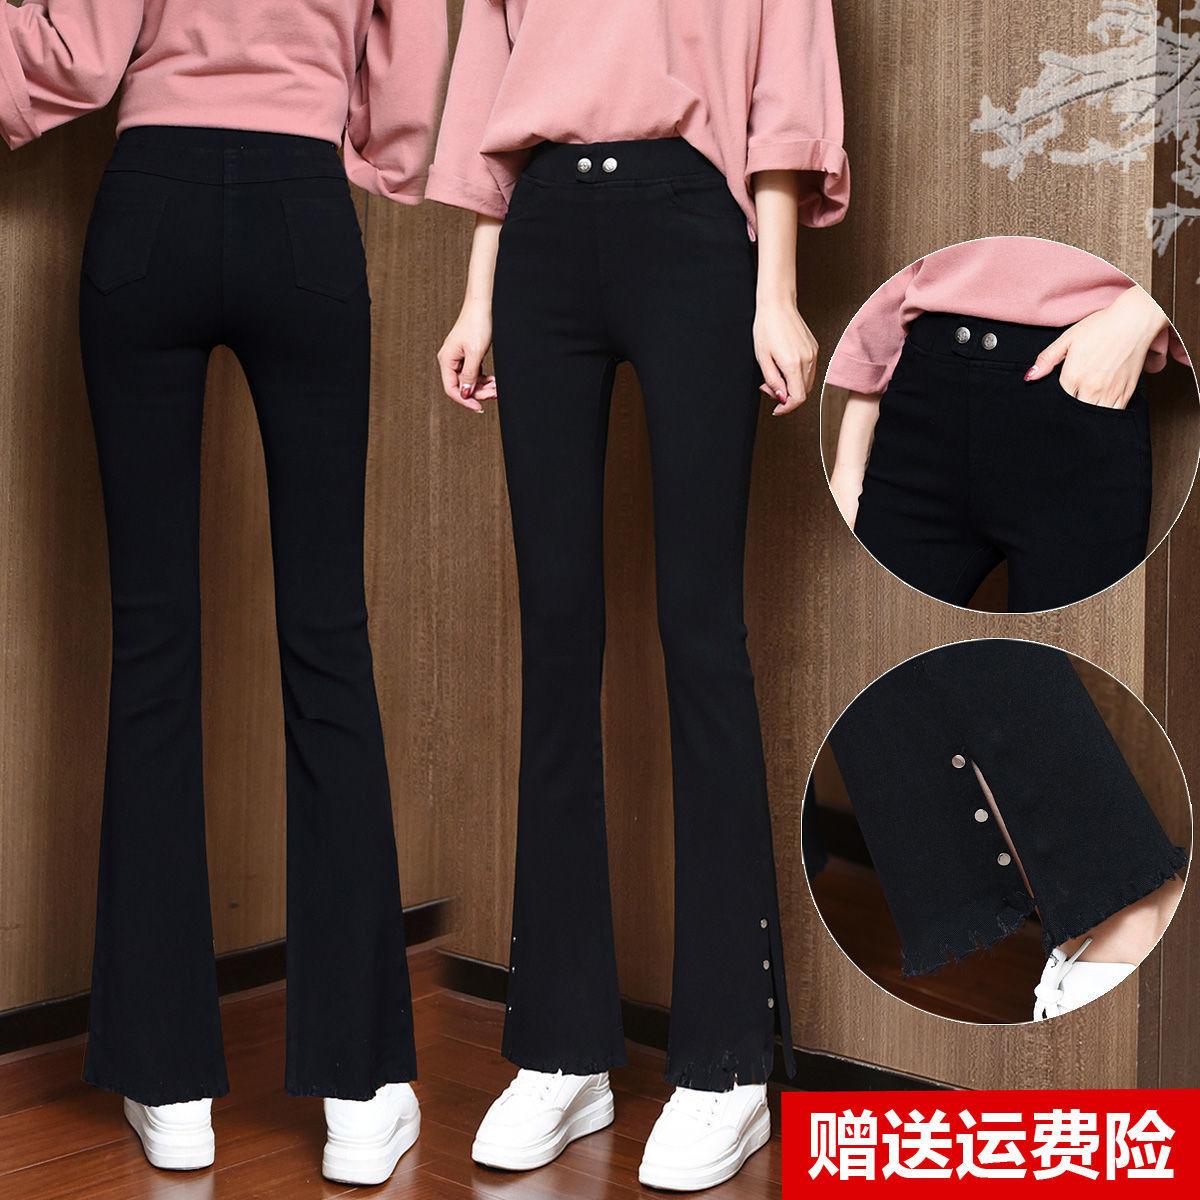 热卖新款开叉喇叭裤女高腰显瘦小个子九分外穿打底修身2021春新款